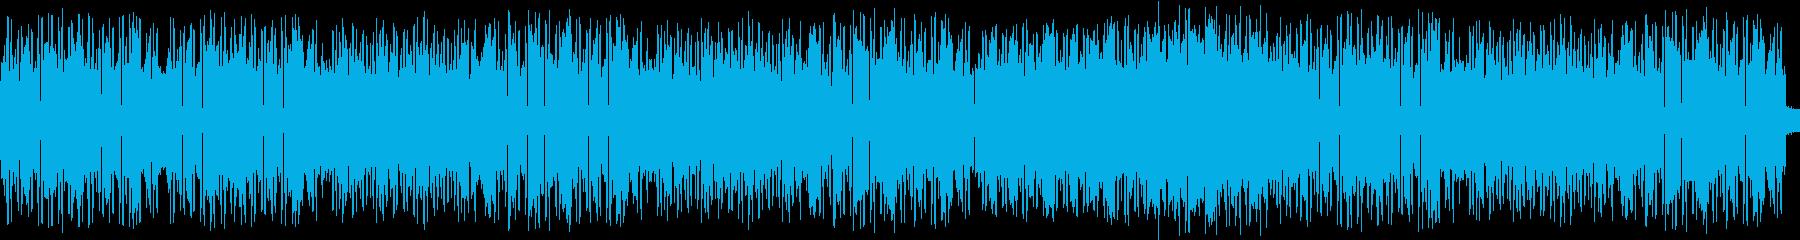 古いラジオ・ピエロ・道化・演劇・レトロの再生済みの波形